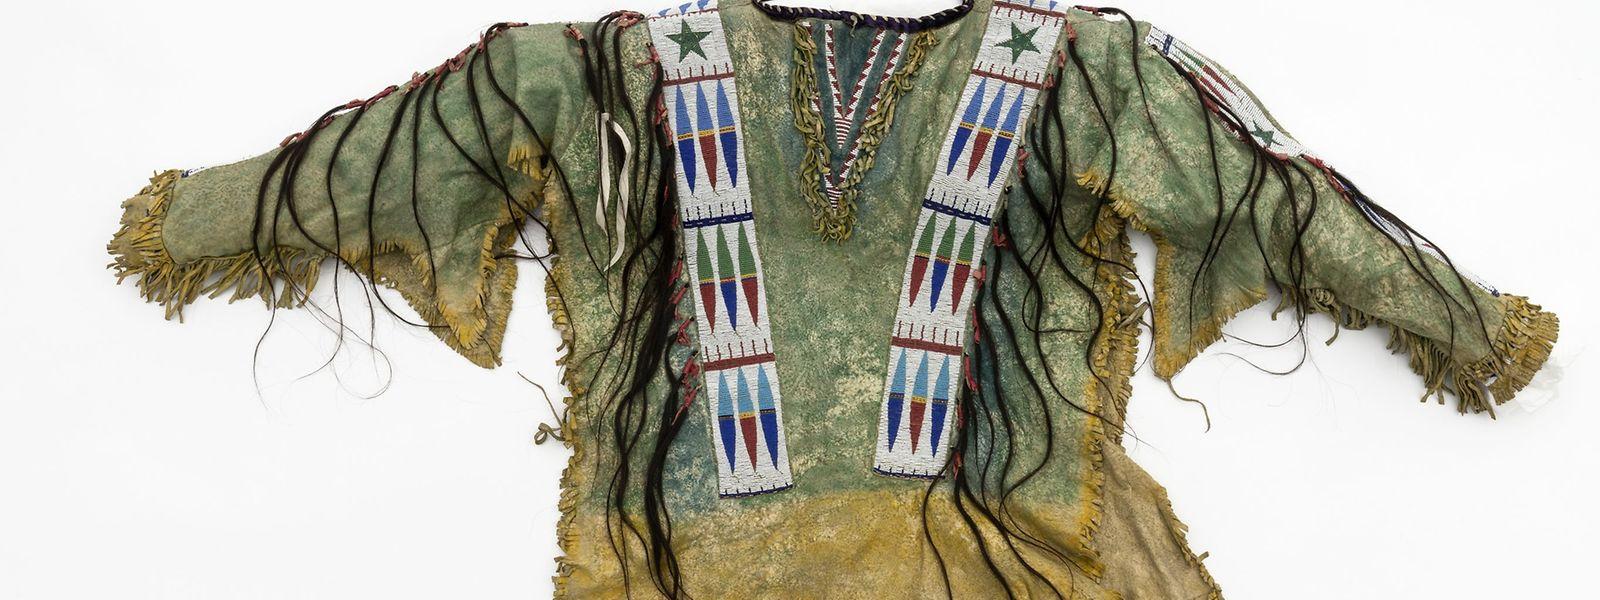 Das Lederhemd von Chief Daniel Hollow Horn Bear, einem Führer der Lakota.